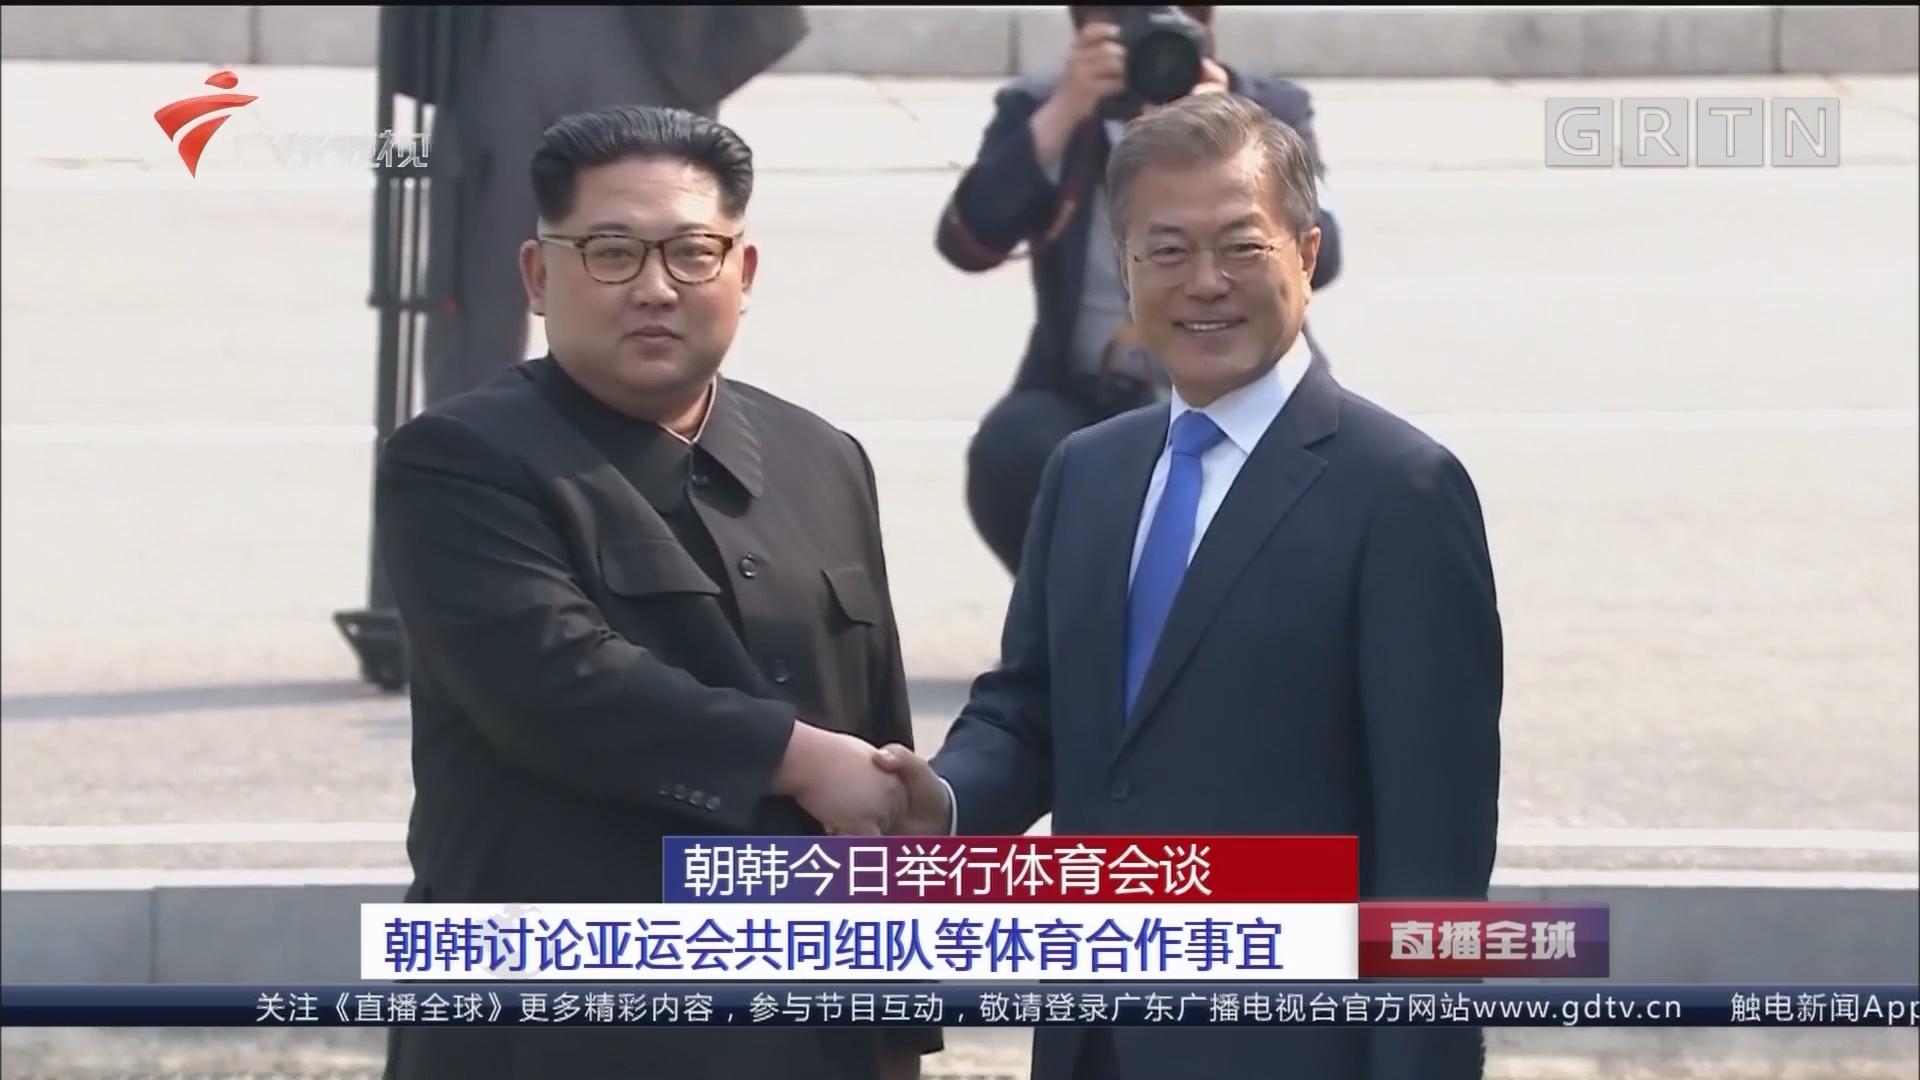 朝韩今日举行体育会谈 朝韩讨论亚运会共同组队等体育合作事宜